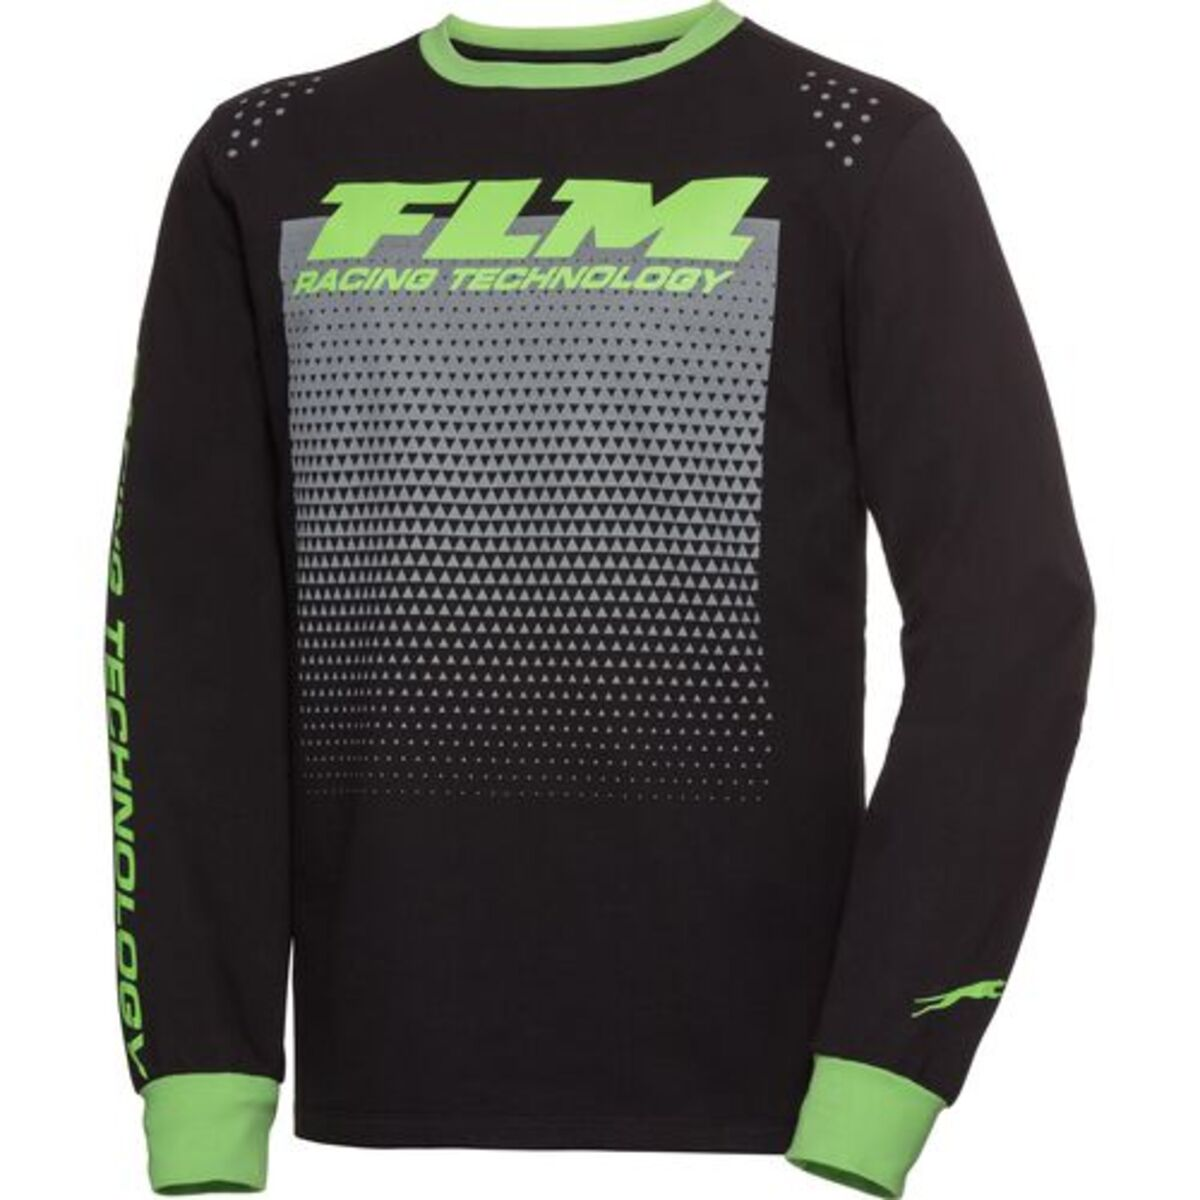 Bild 1 von FLM            Sweatshirt 1.0 schwarz